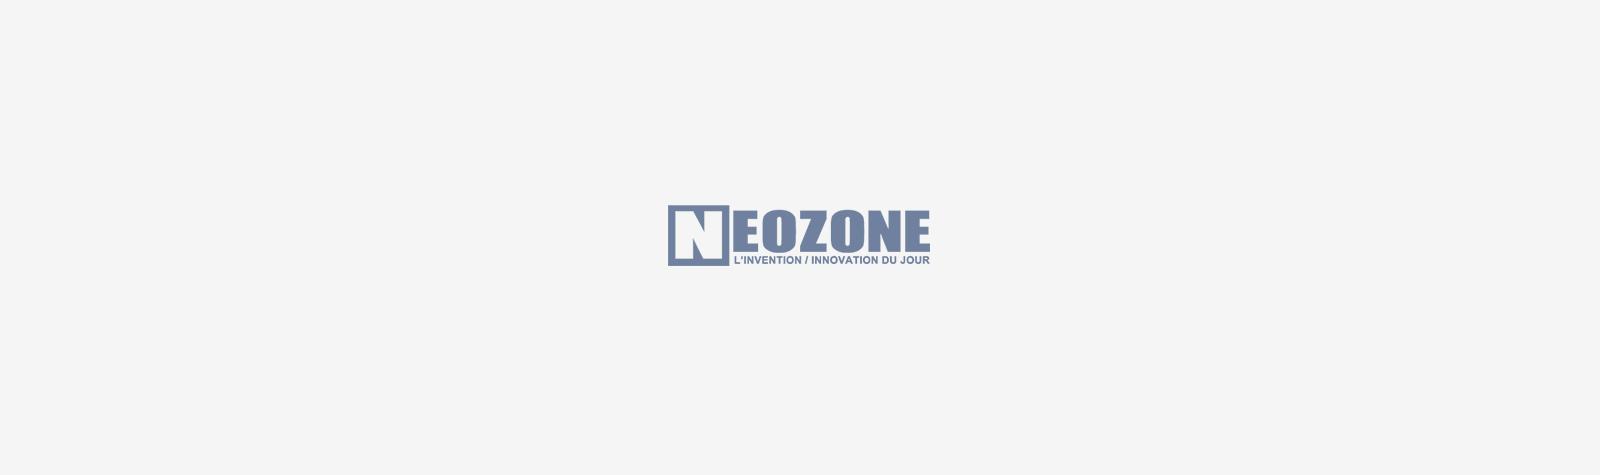 NEOZONE 2018